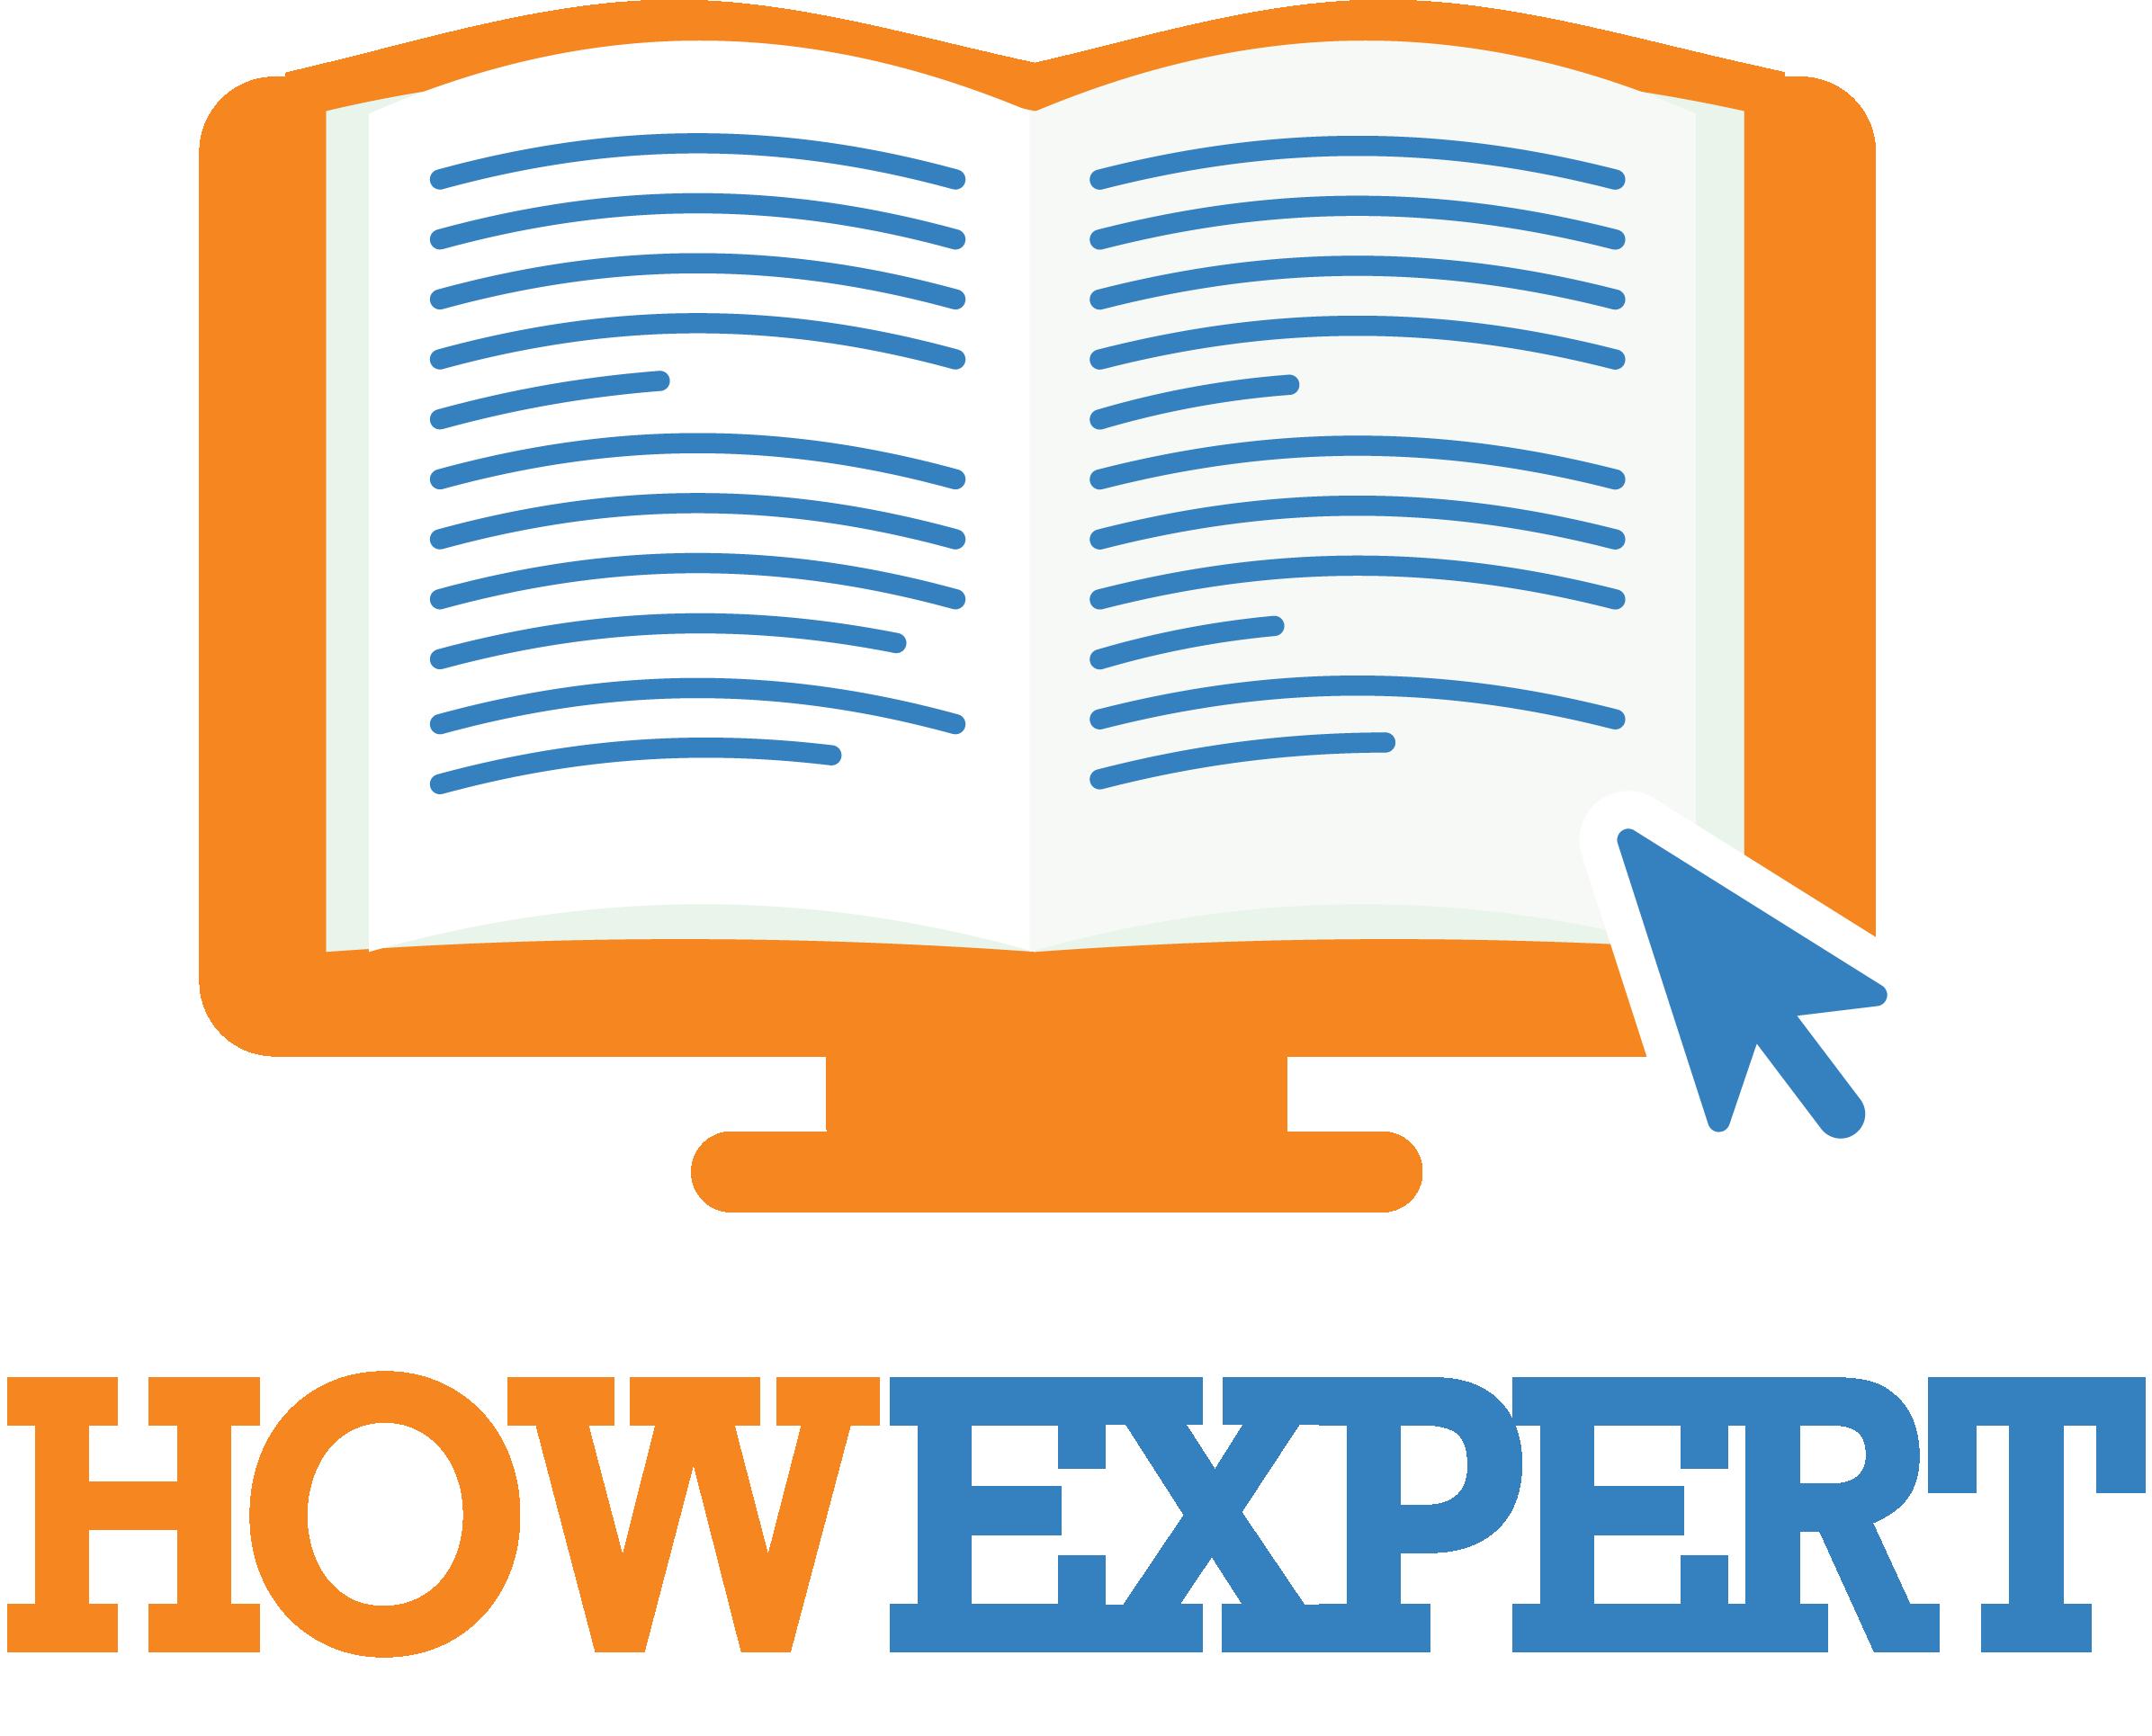 HowExpert.com